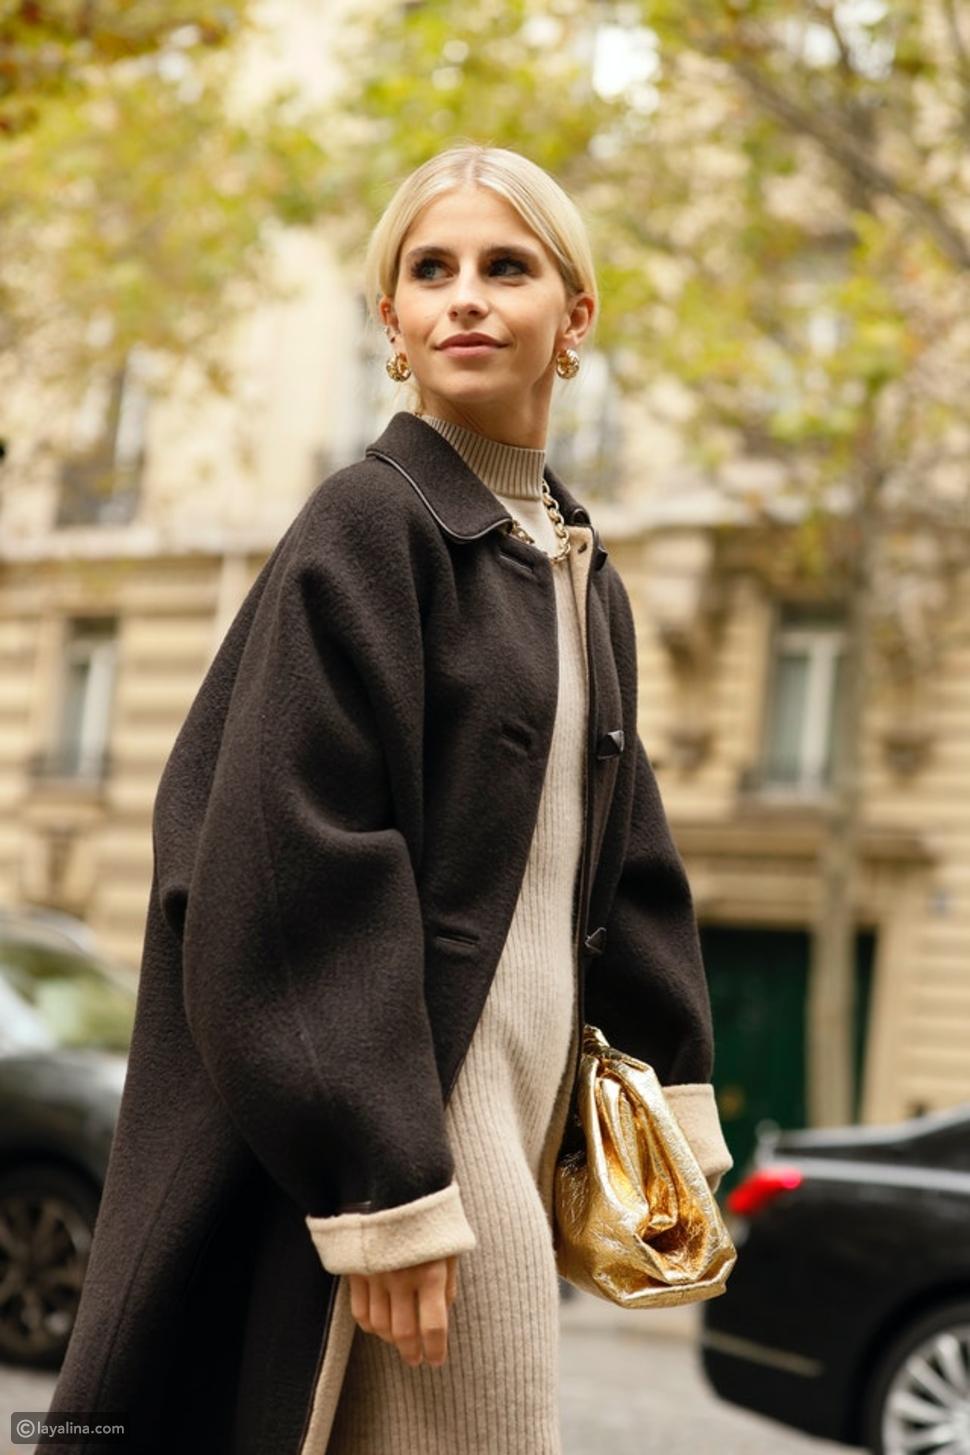 كيف ترتدي فستان محبوك مع سترة وحذاء هاف بوت